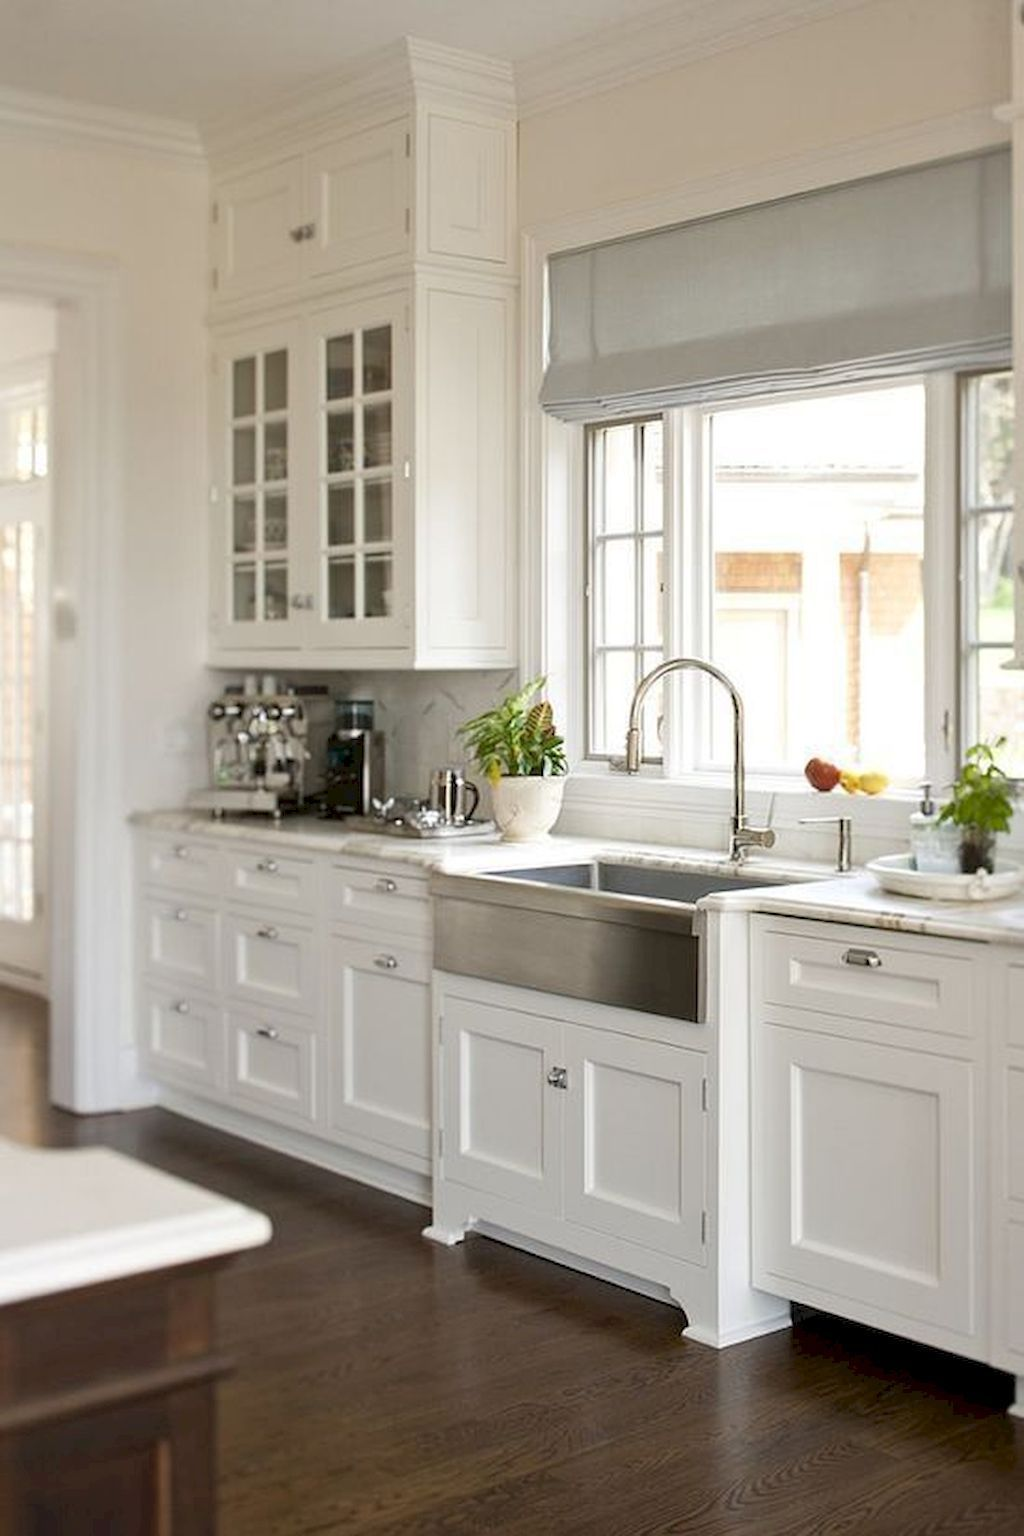 Kitchendesign Home Decor Farmhouse Sink Kitchen